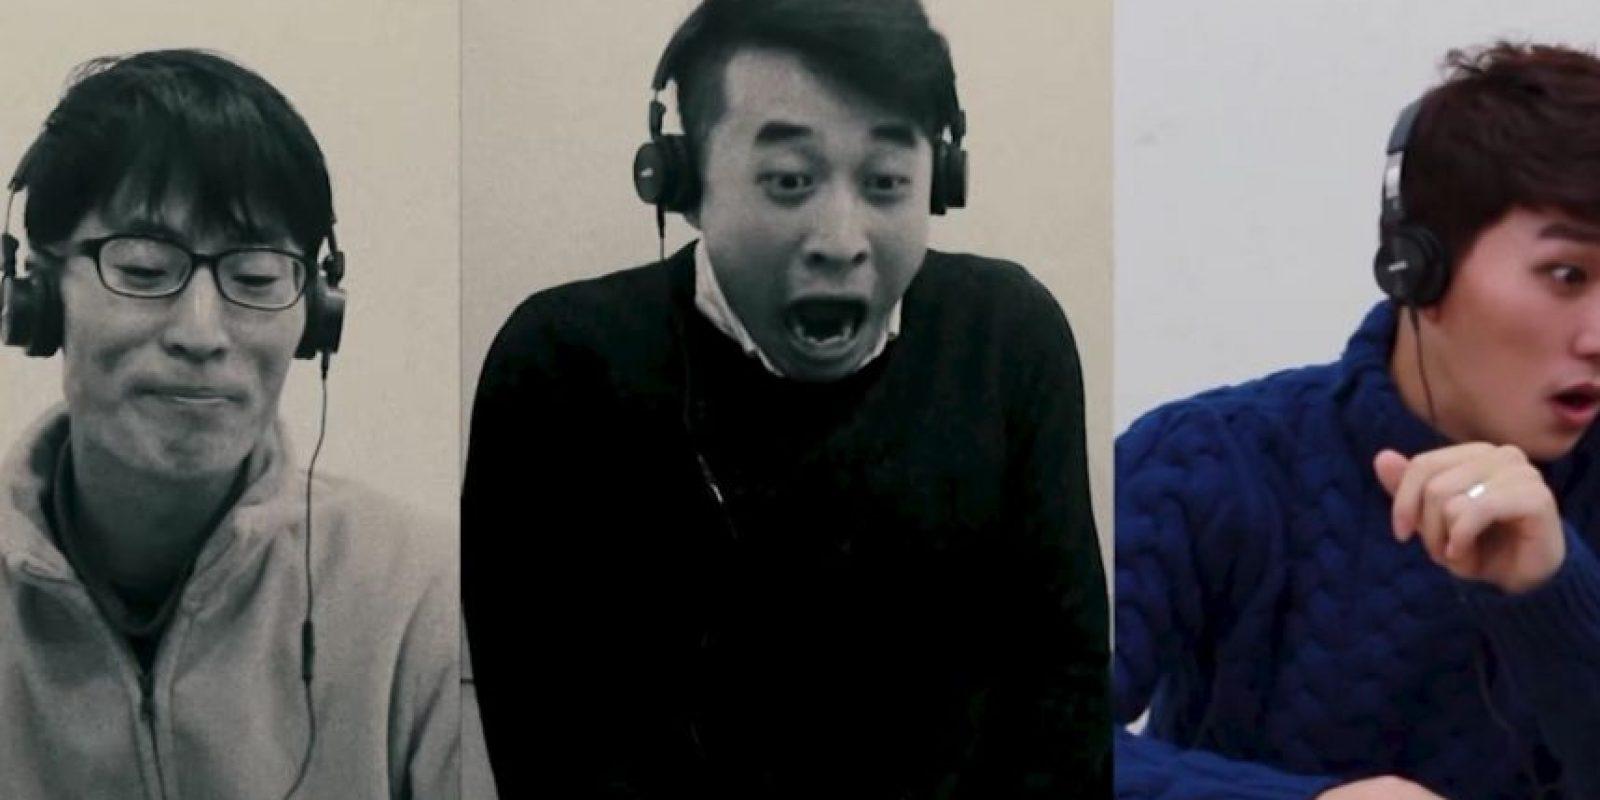 Las reacciones al ver películas para adultos por primera ocasión. Foto:vía moomootv / YouTube